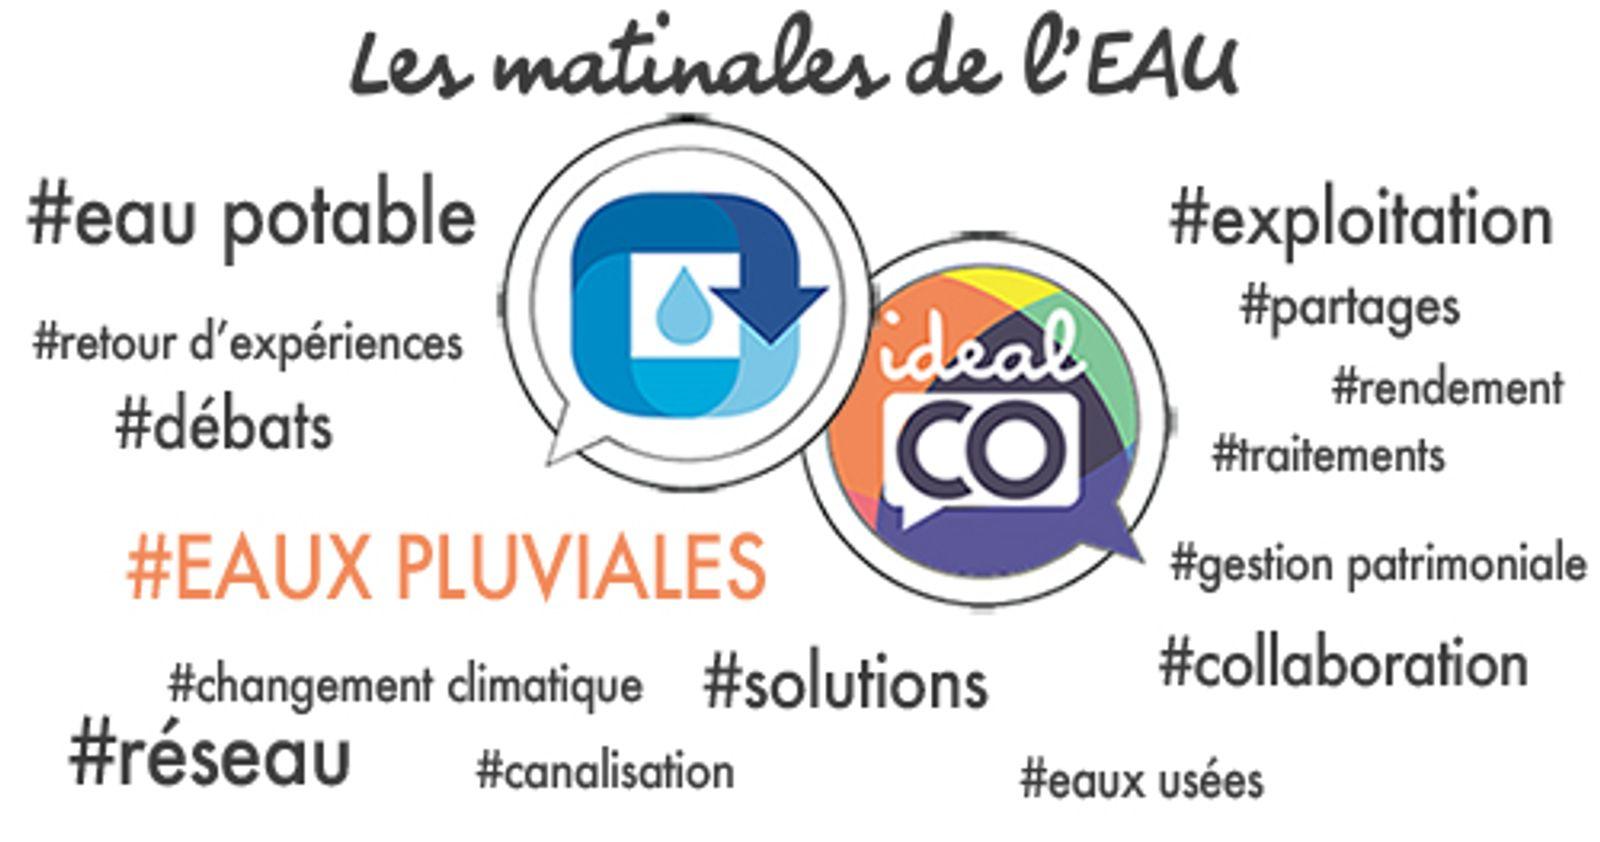 #LMDE - Gestion des eaux pluviales : quelles solutions pour dépolluer, si besoin, les eaux de ruissellement